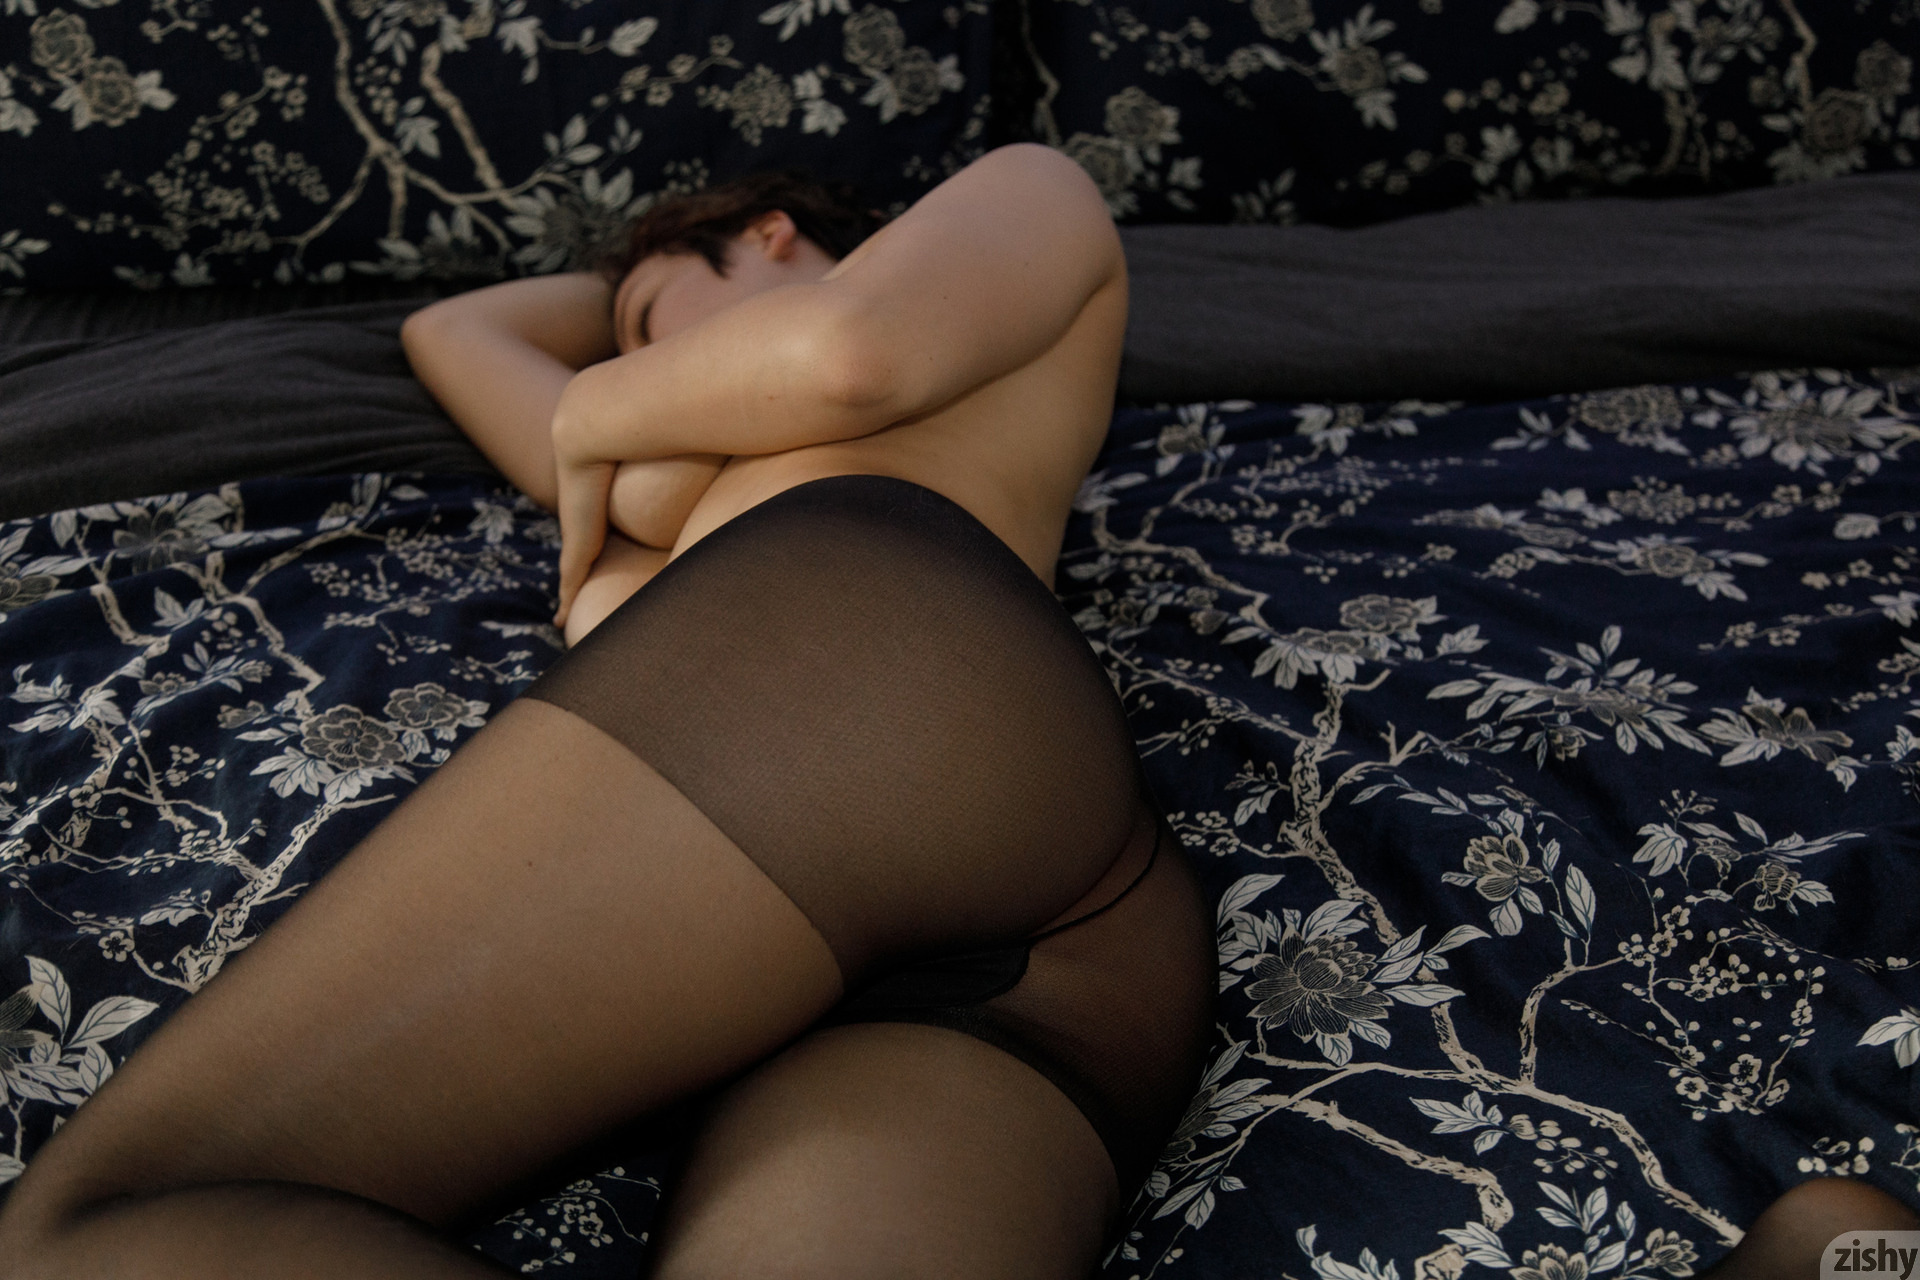 Sabrina Nichole Wigging Out Zishy (39)